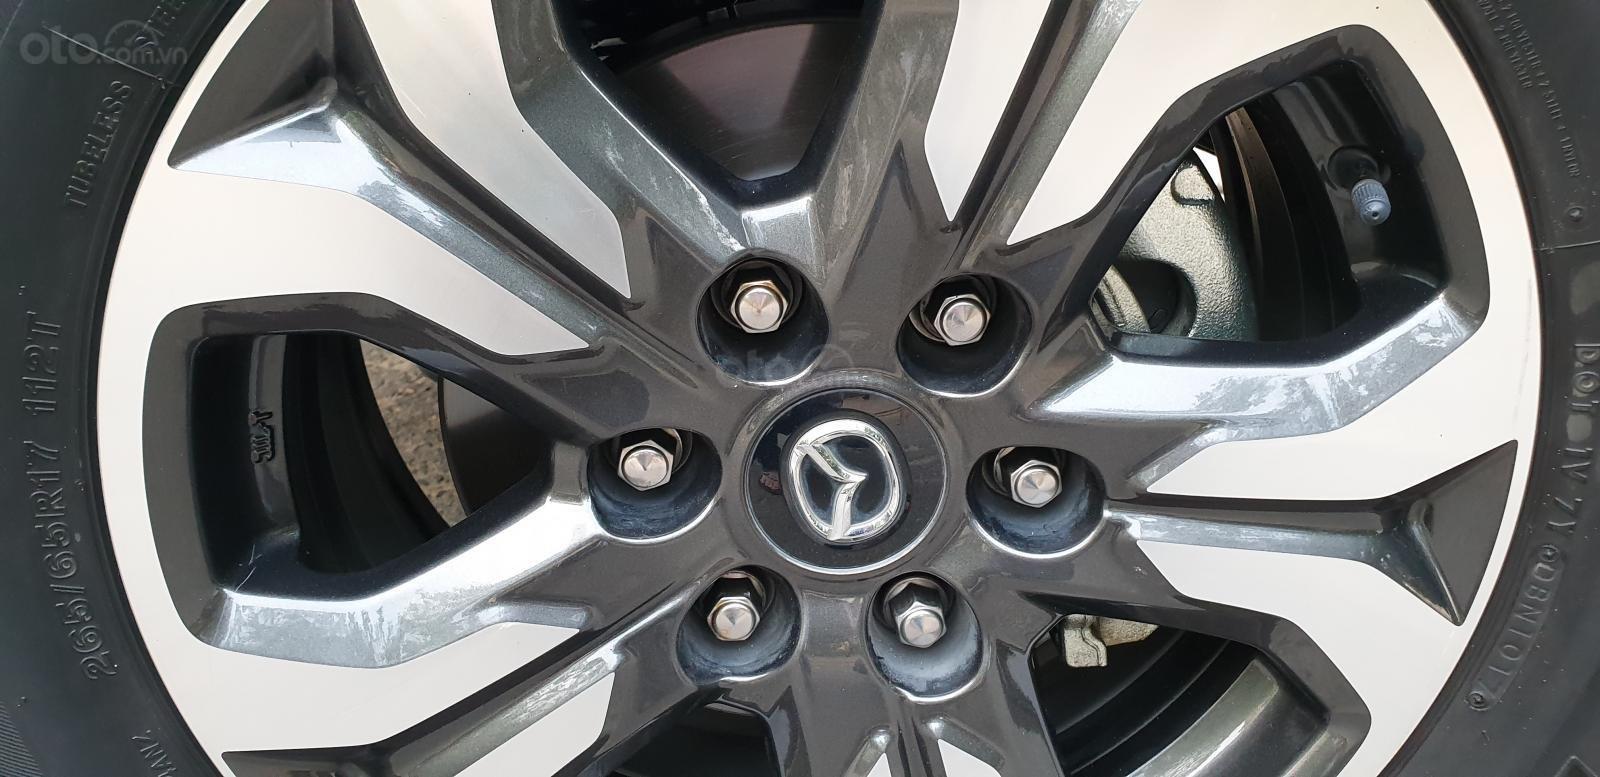 Bán Mazda BT 50 máy dầu, 2.2 số tự động, model 2018 đời T10/2017, màu nâu, nhập khẩu mới 95%-21